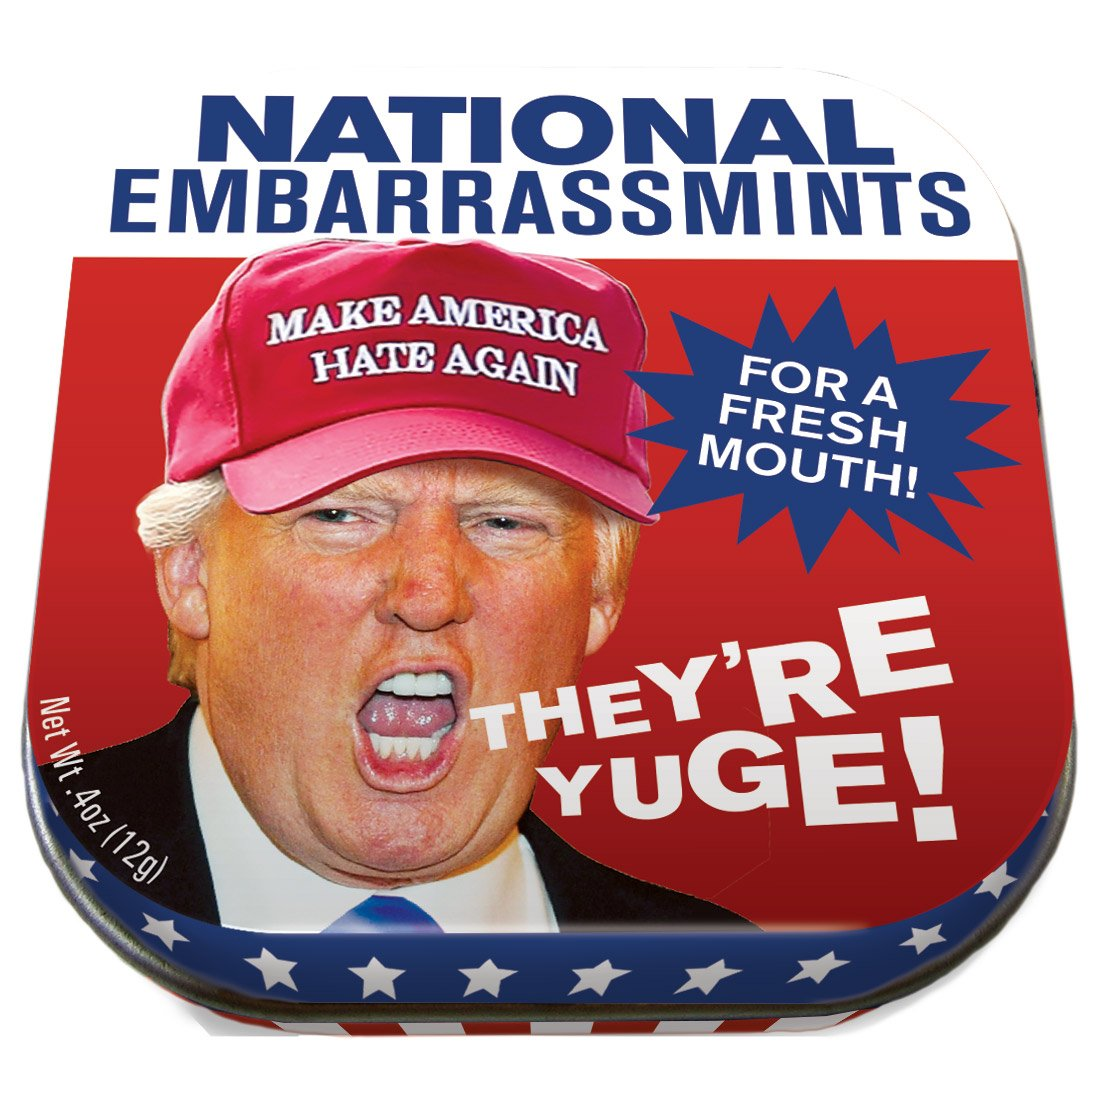 Dropsuri mentolate - Trump Embarrassmints thumbnail